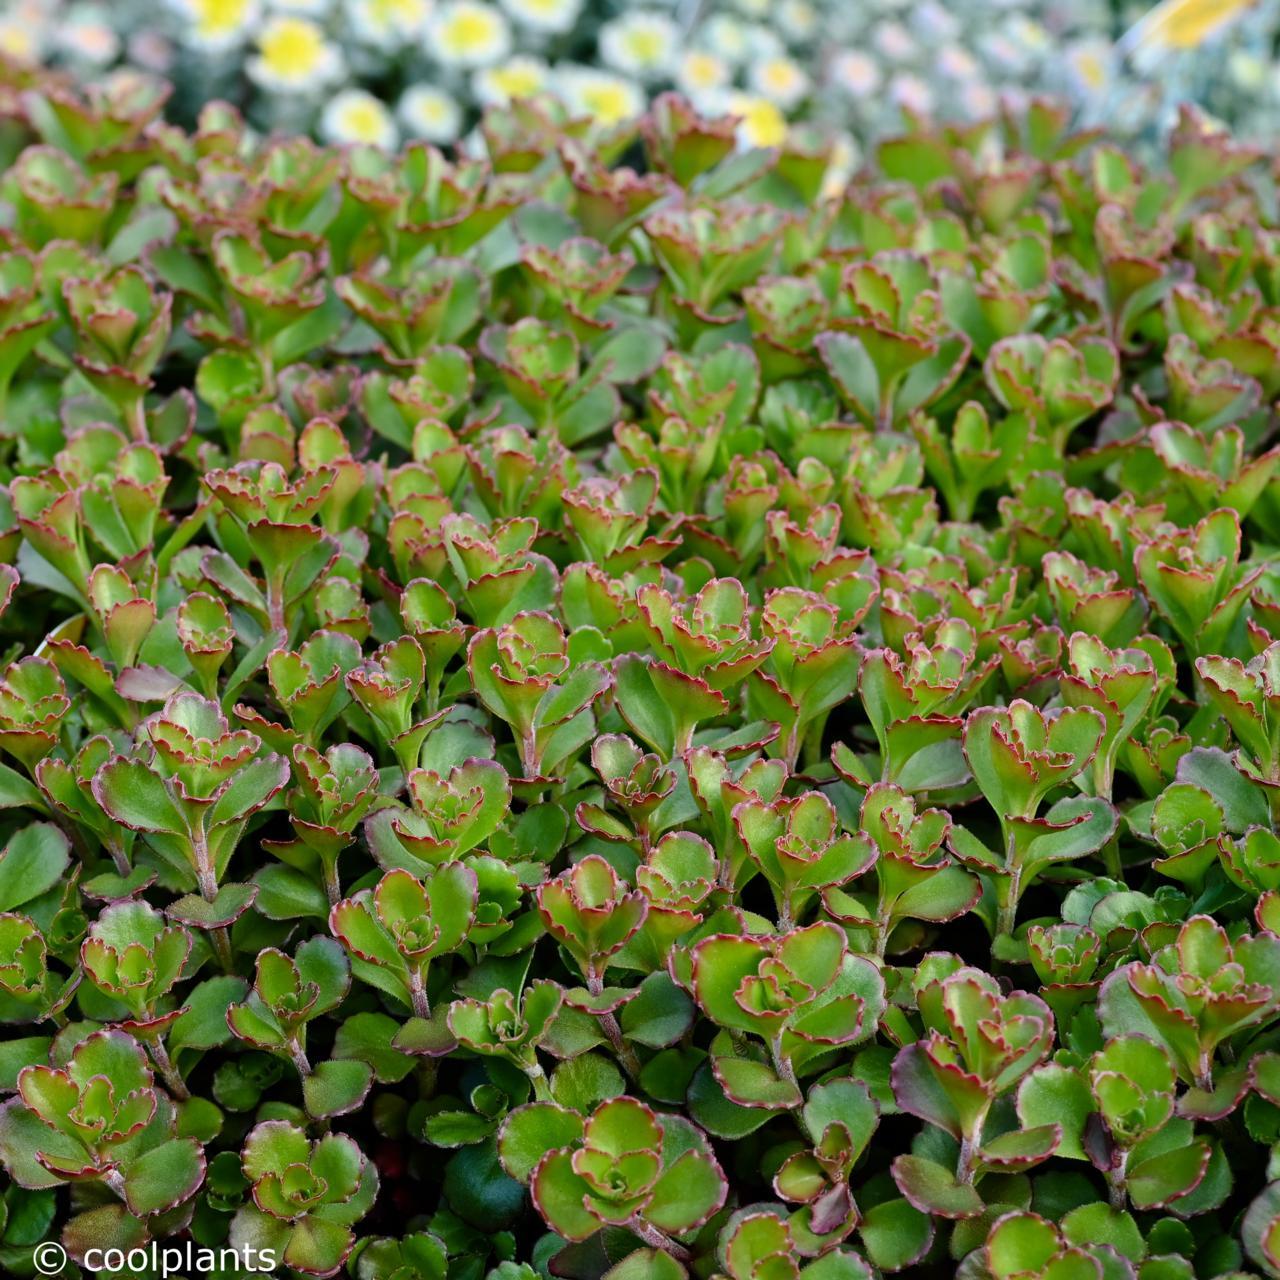 Sedum spurium 'Purple Winter' plant